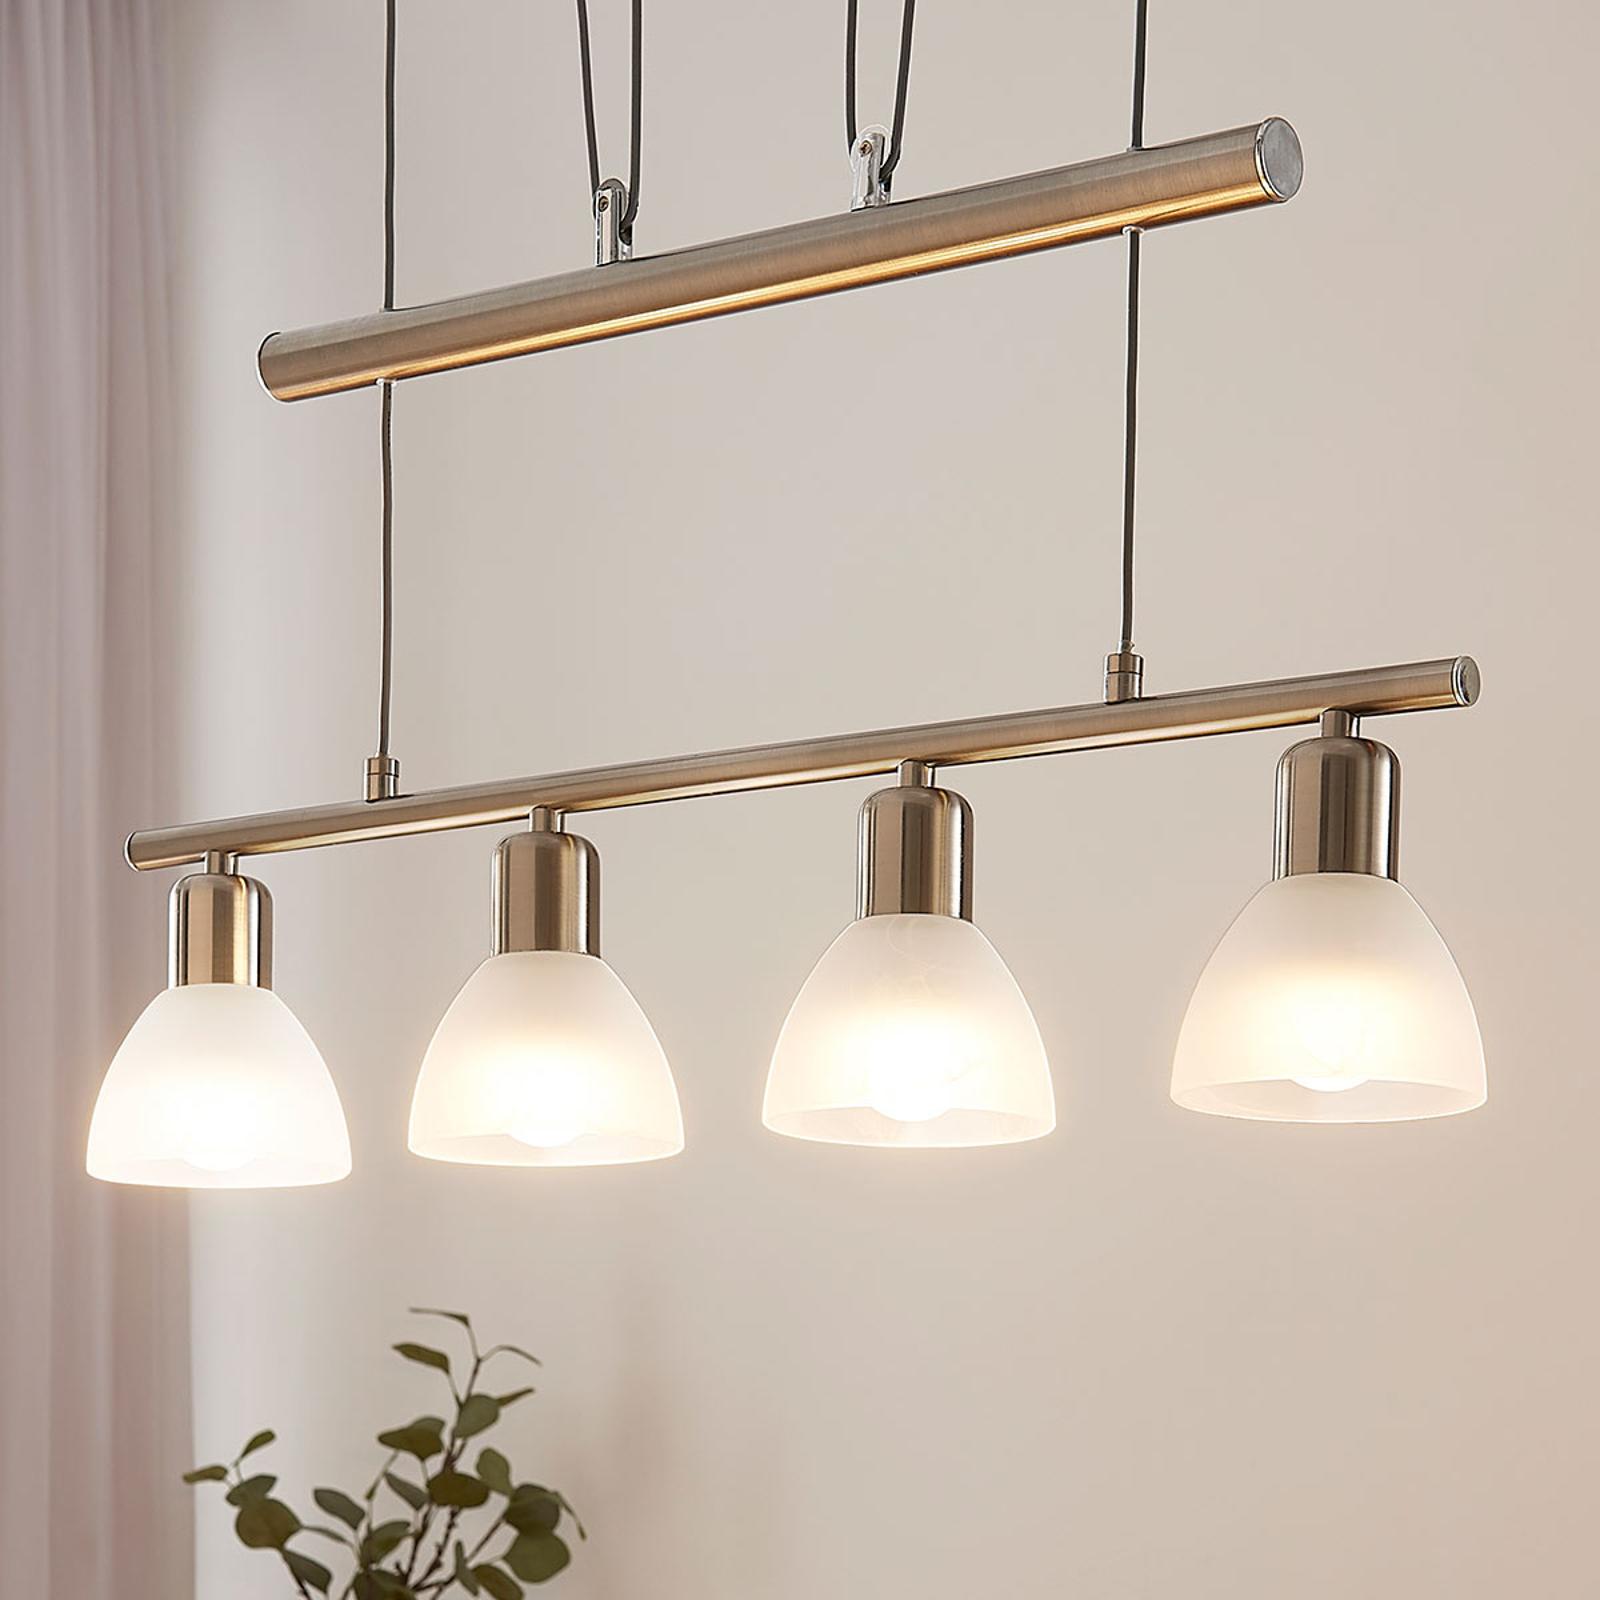 Justerbar LED pendellampe i bjælkeform Gwendolin